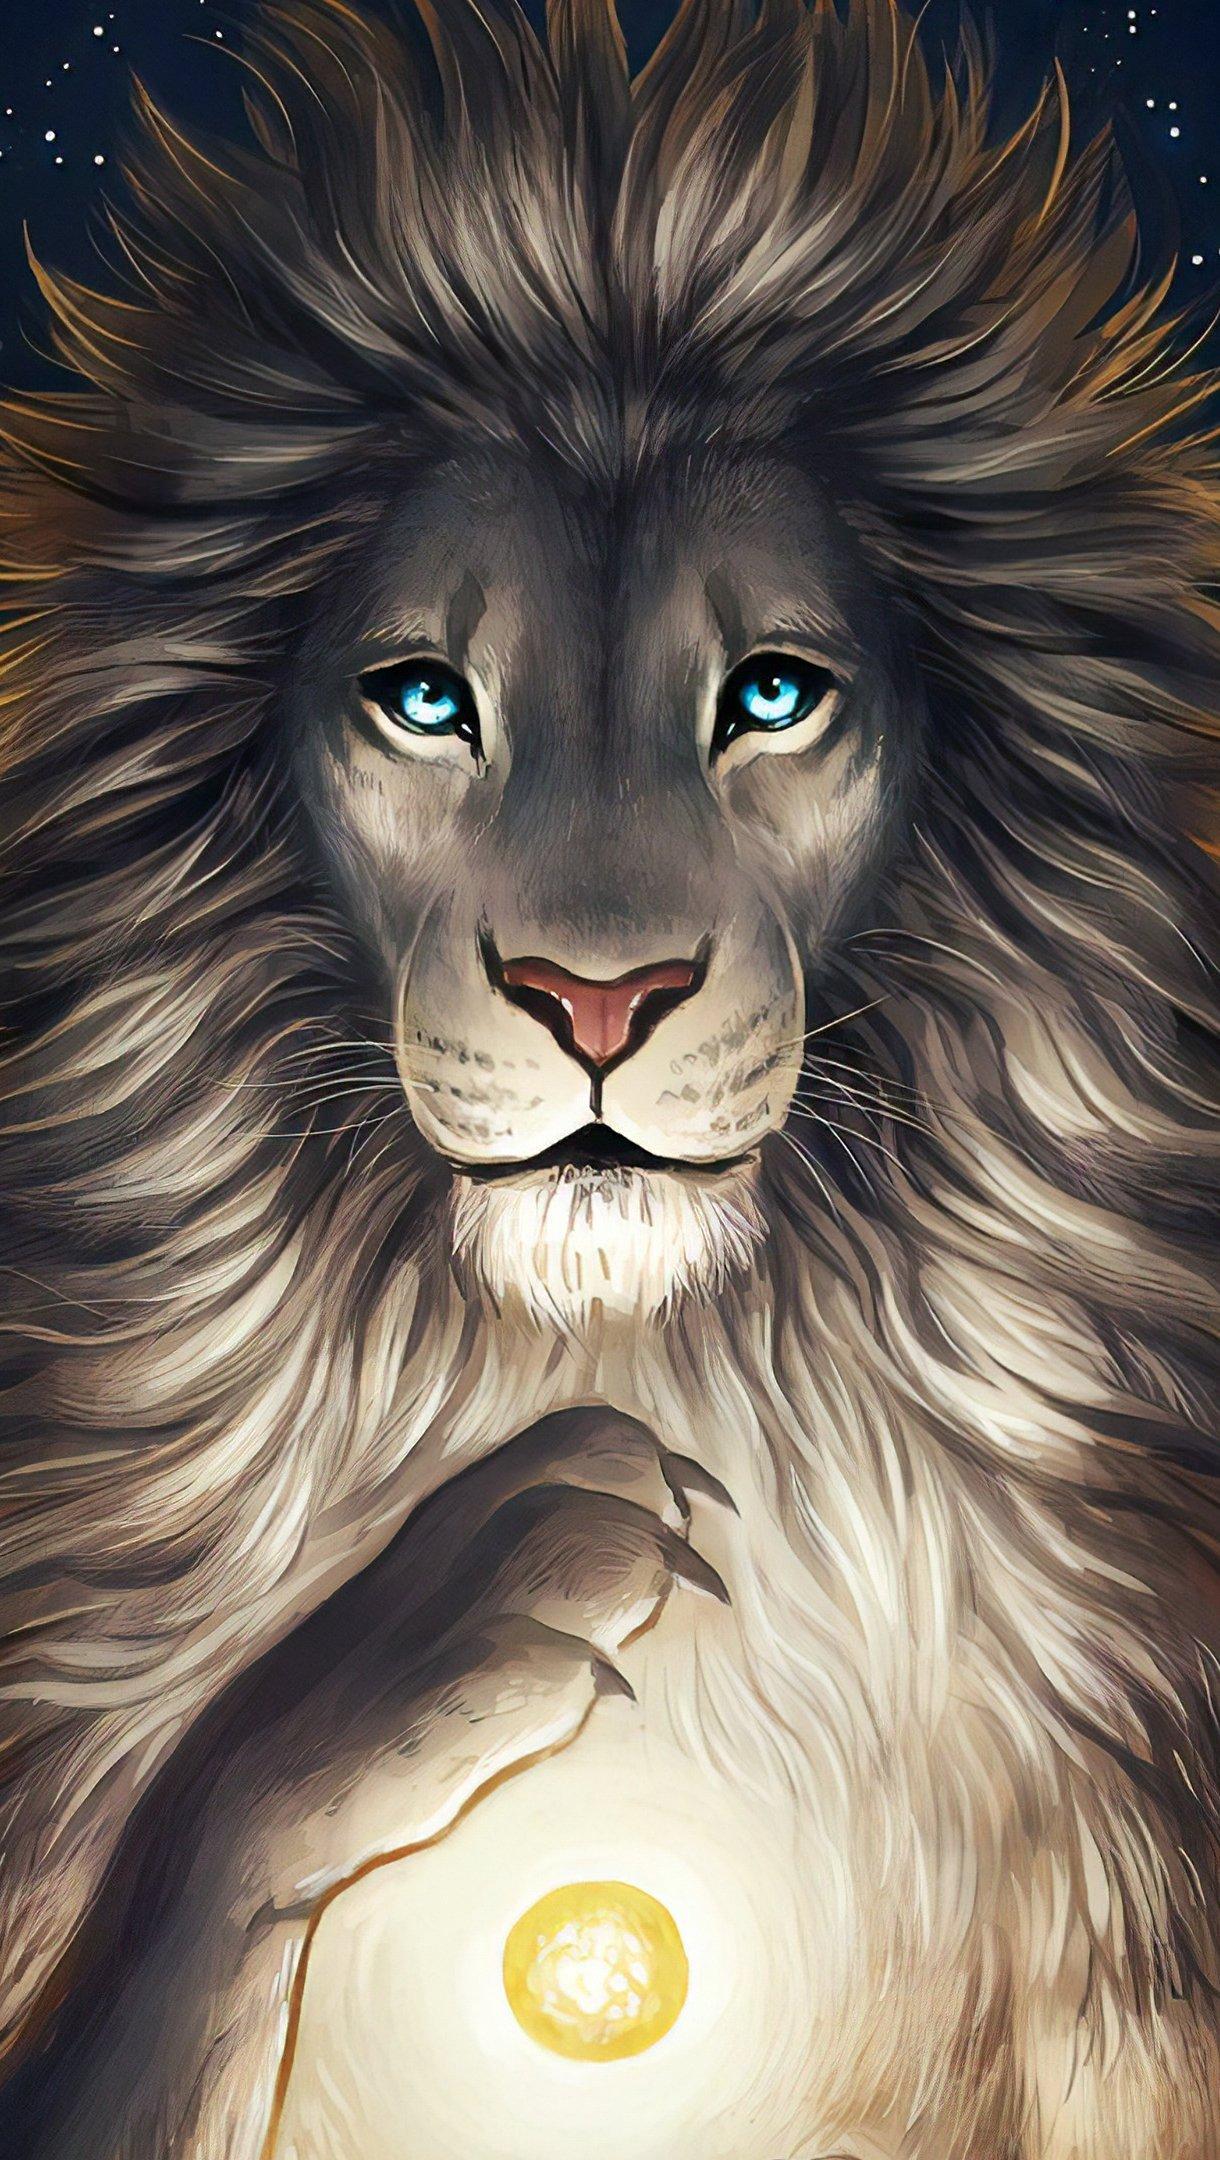 Wallpaper Lion Digital Art Vertical